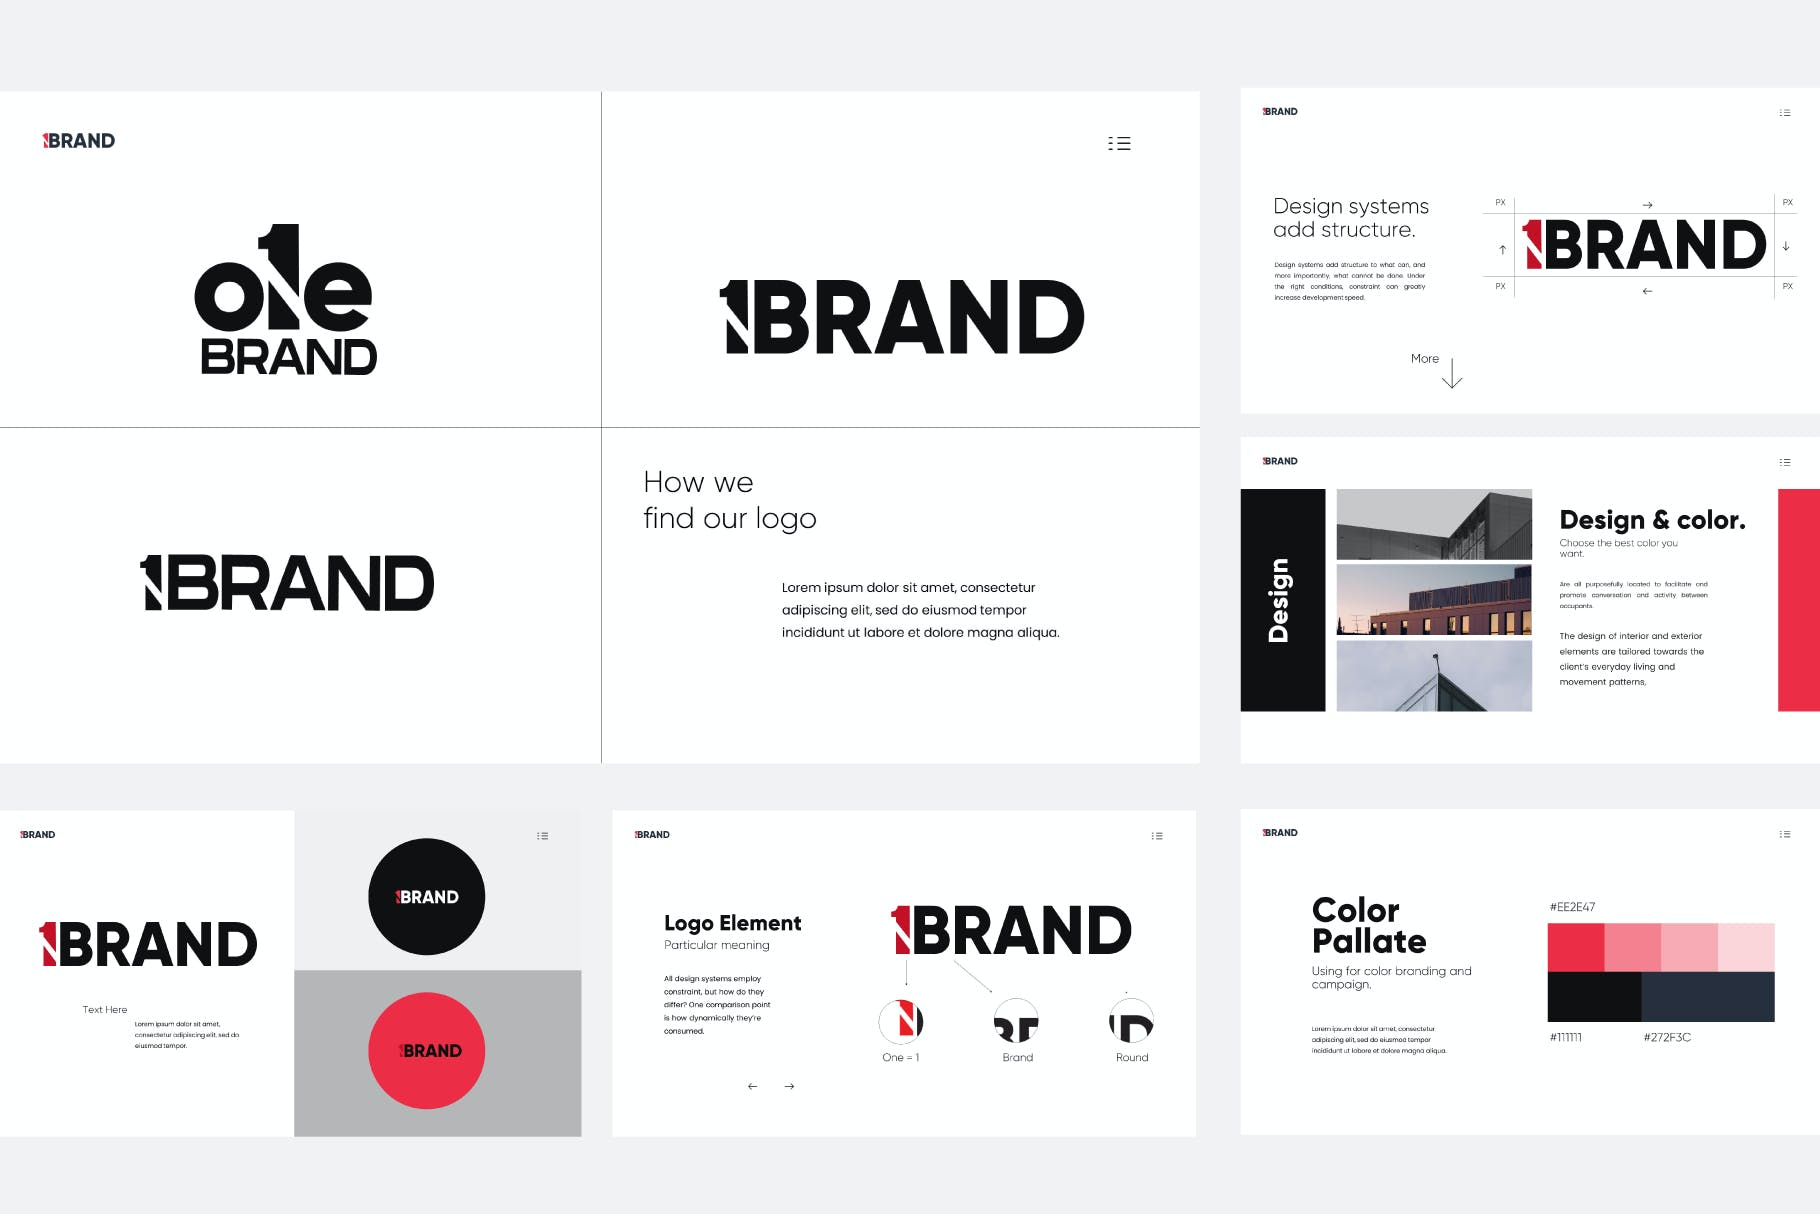 简约现代白色背景设计PPT商务演讲模板 One Brand – Powerpoint Template设计素材模板